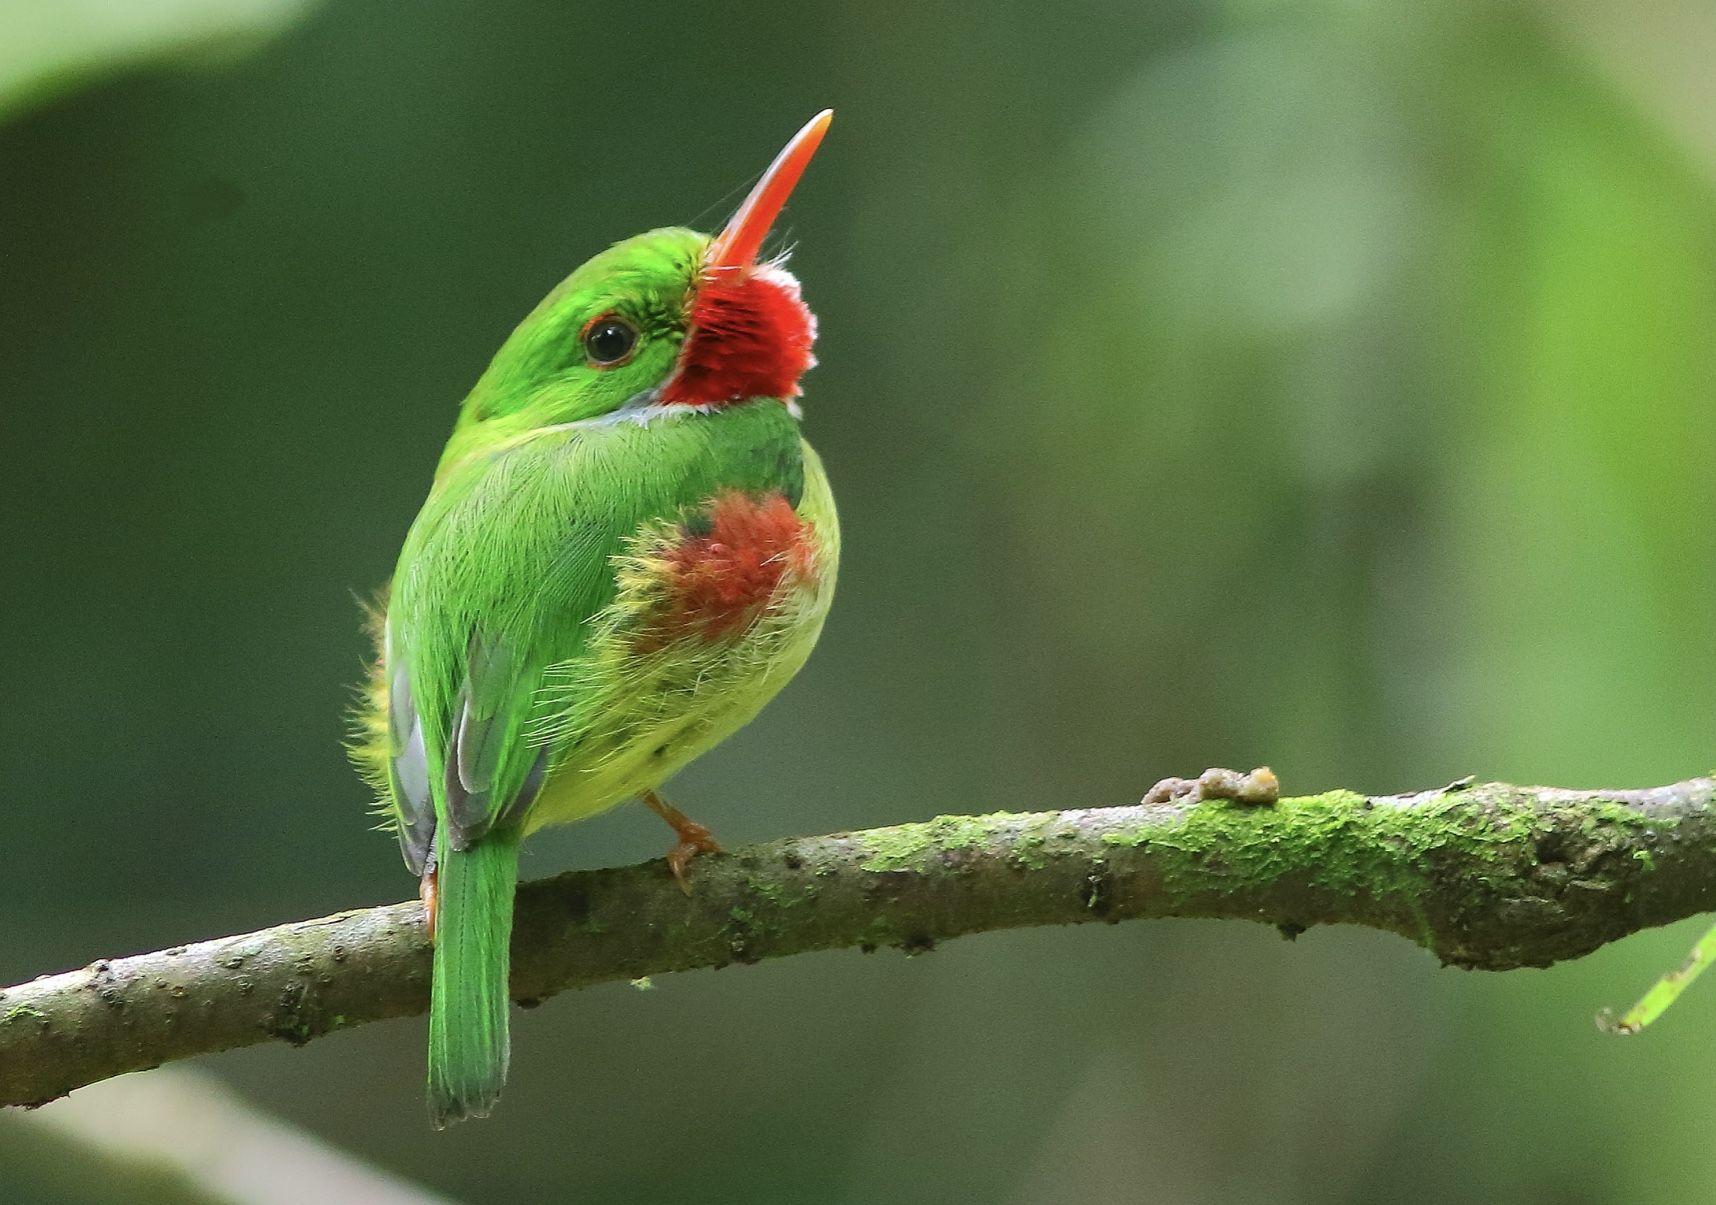 ป กพ นโดย Mboonyong ใน Birds 2